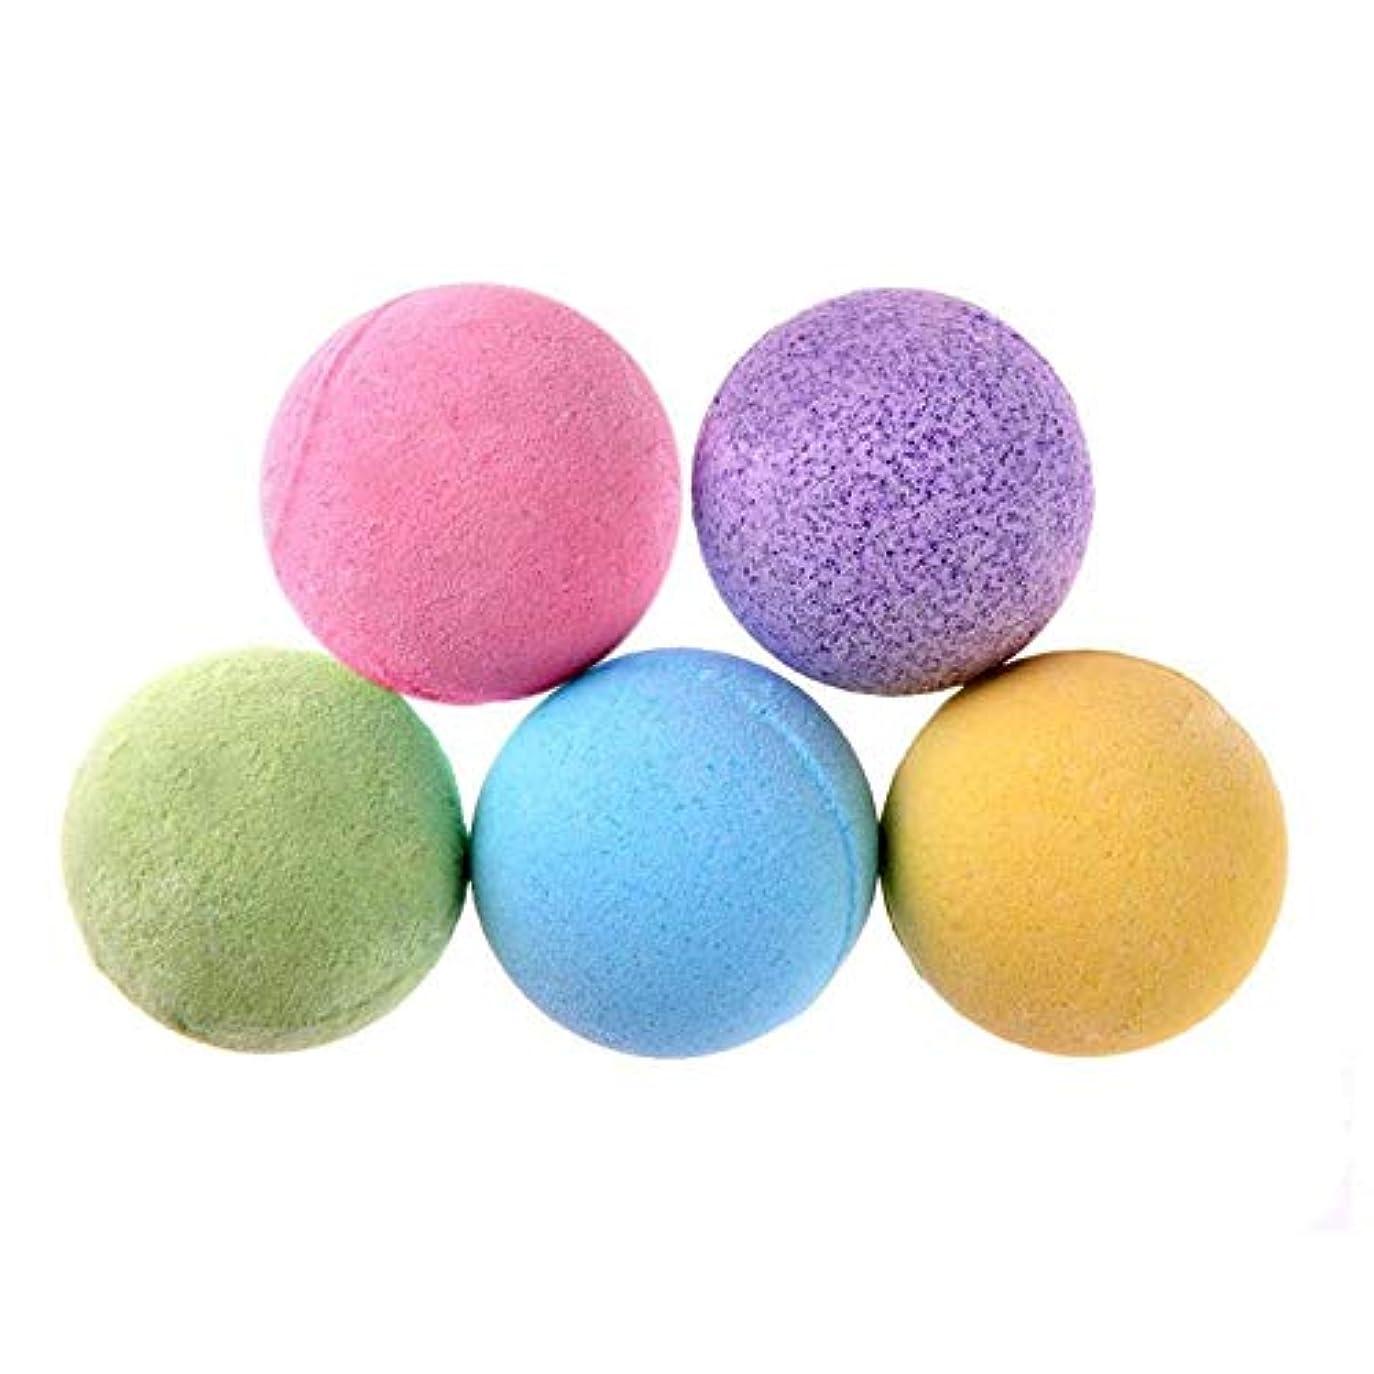 部屋を掃除する参加者贅沢Hot 10pc 10g Organic Bath Salt Body Essential Oil Bath Ball Natural Bubble Bath Bombs Ball Rose/Green tea/Lavender...